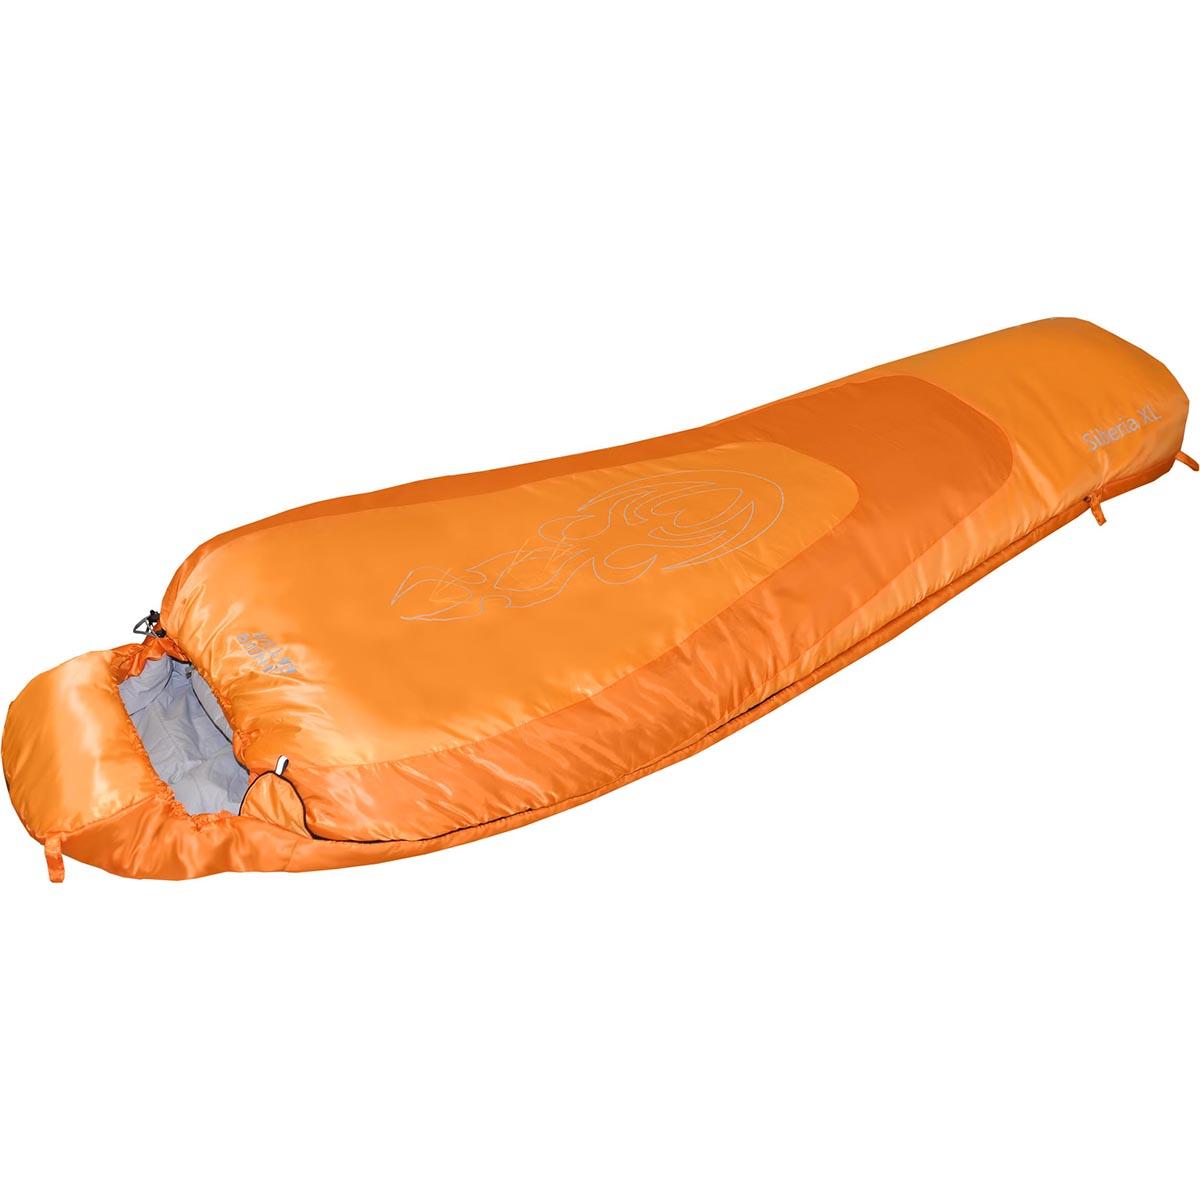 Спальный мешок Nova Tour Сибирь -20 XL V2, цвет: оранжевый, правосторонняя молния67742Зимний спальный мешок Nova Tour Сибирь -20 XL V2 имеет конструкцию кокон. Оснащен утепленным утягивающимся капюшоном и удобным шейным воротником. Двухзамковая молния позволяет состегнуть два спальных мешка левого и правого исполнения в один двойной. Особенности:Шейный утепляющий воротник.Планка утепляющая молнию.Разъемная двухзамковая молния.Состегивающаяся молния.Компрессионный мешок в комплекте.Длина: 230 см.